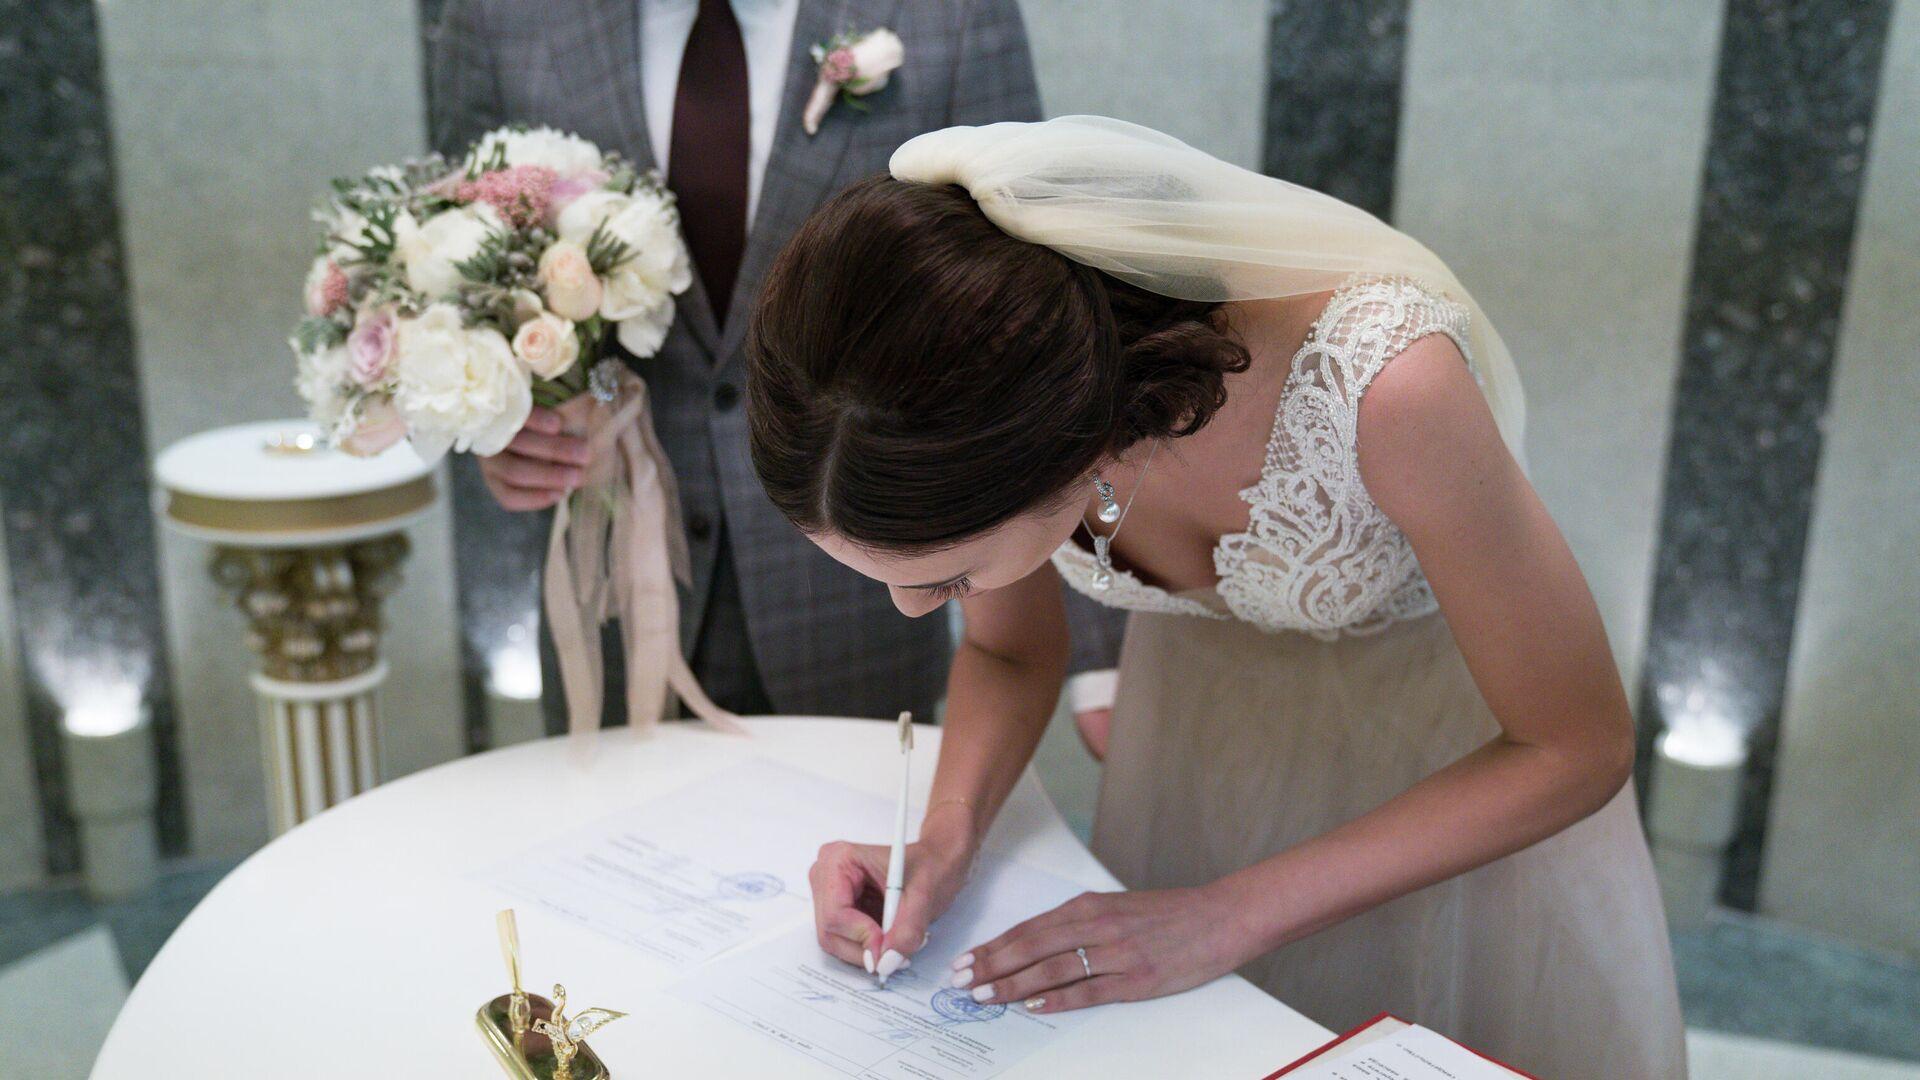 Молодожены во время регистрации брака  - РИА Новости, 1920, 09.01.2021